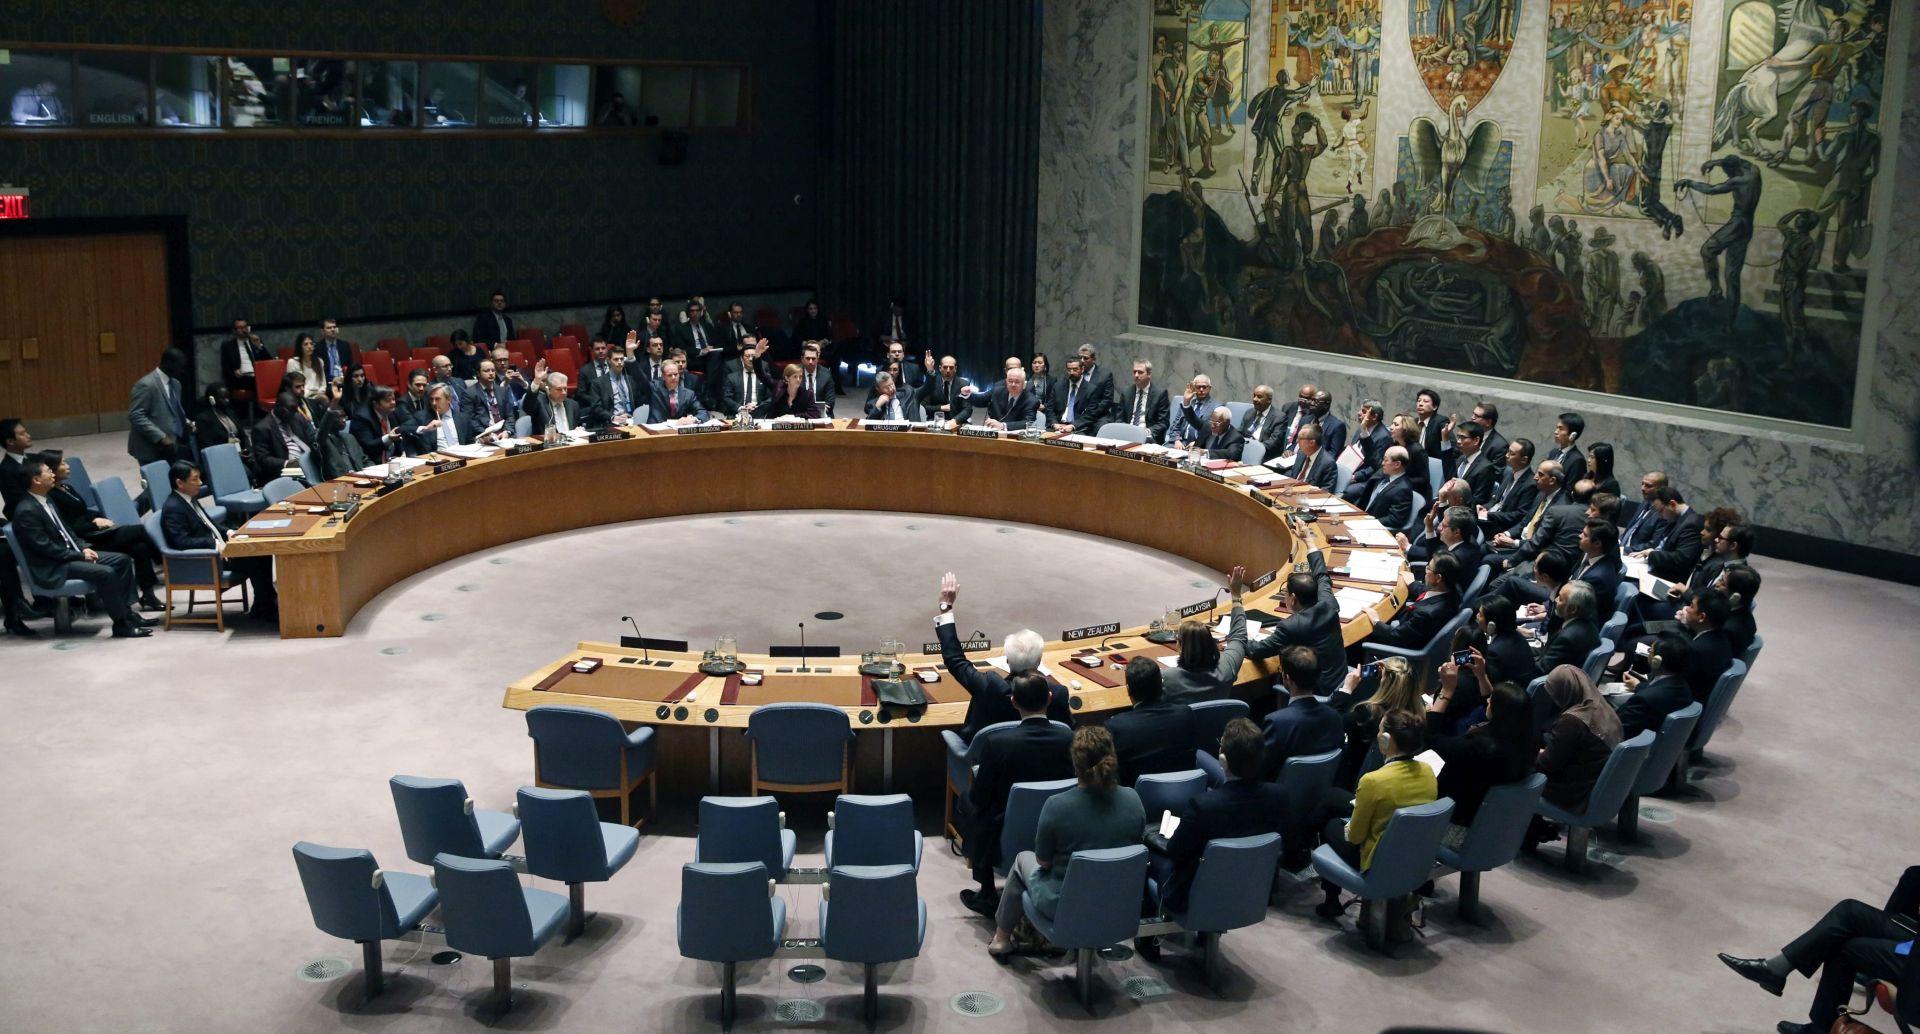 NAKON ISPALJENIH PROJEKTILA: Moskva poziva Sjevernu Koreju da poštuje stajalište međunarodne zajednice